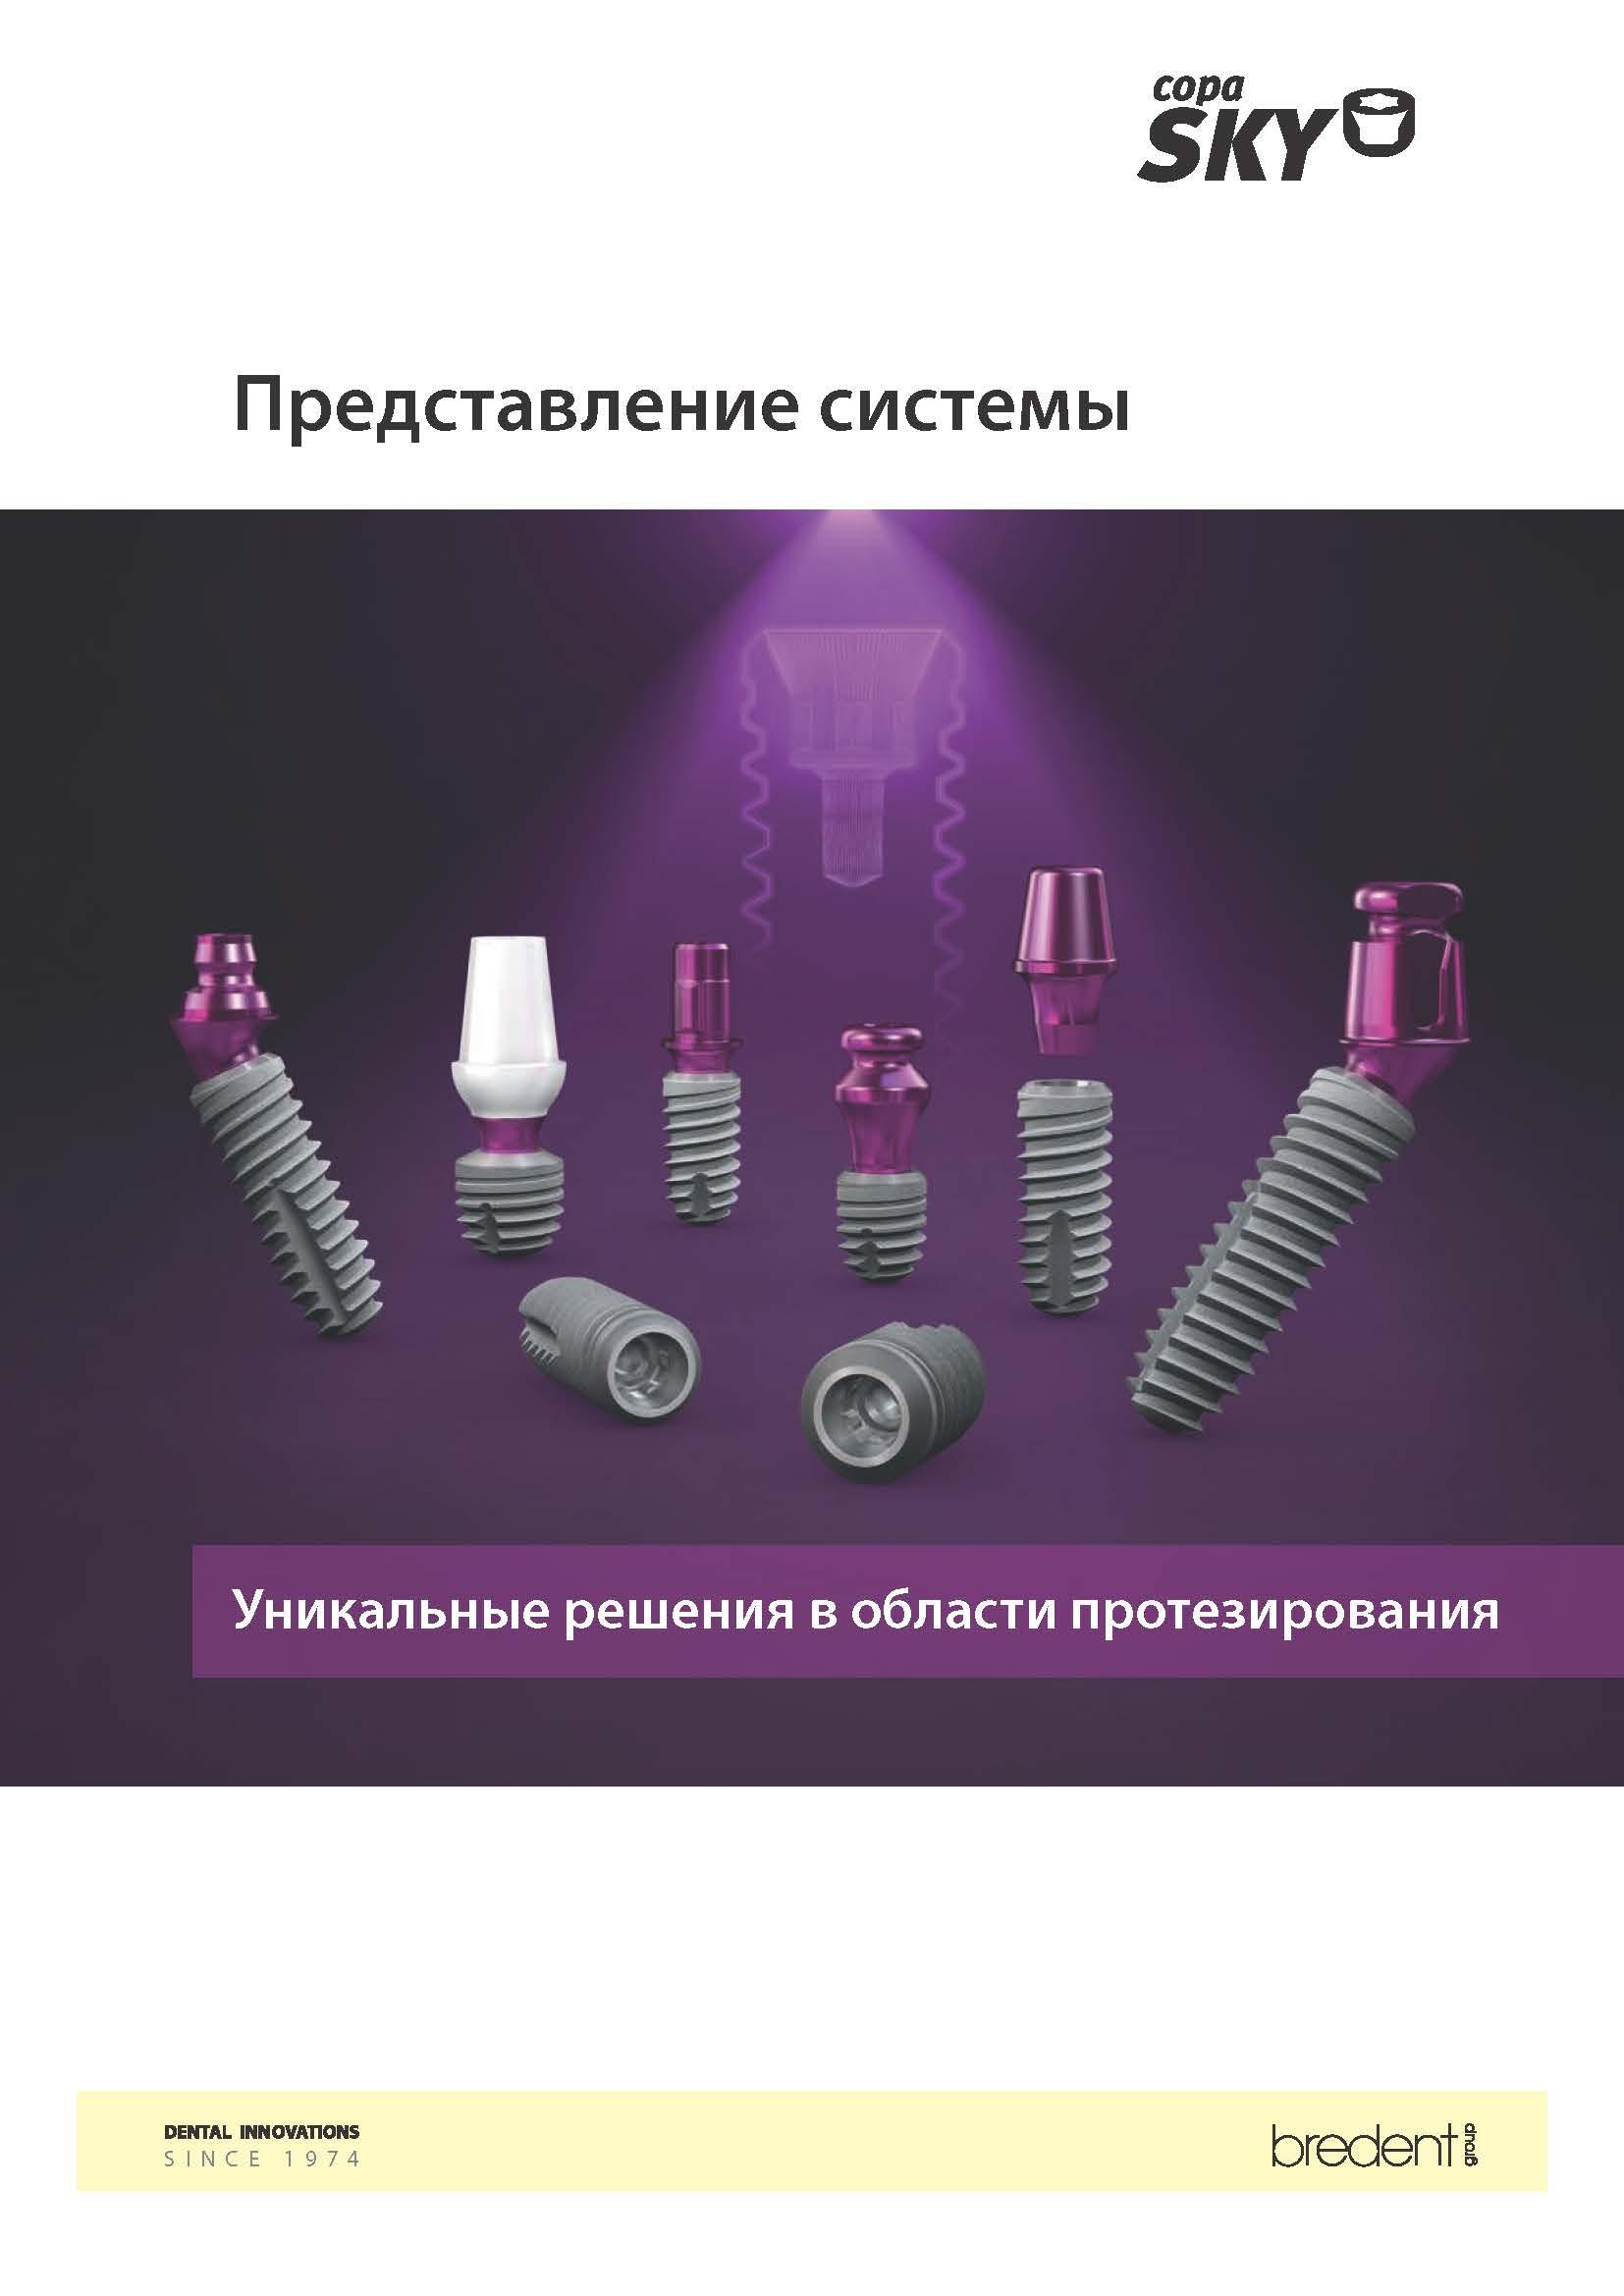 Представление системы copaSKY